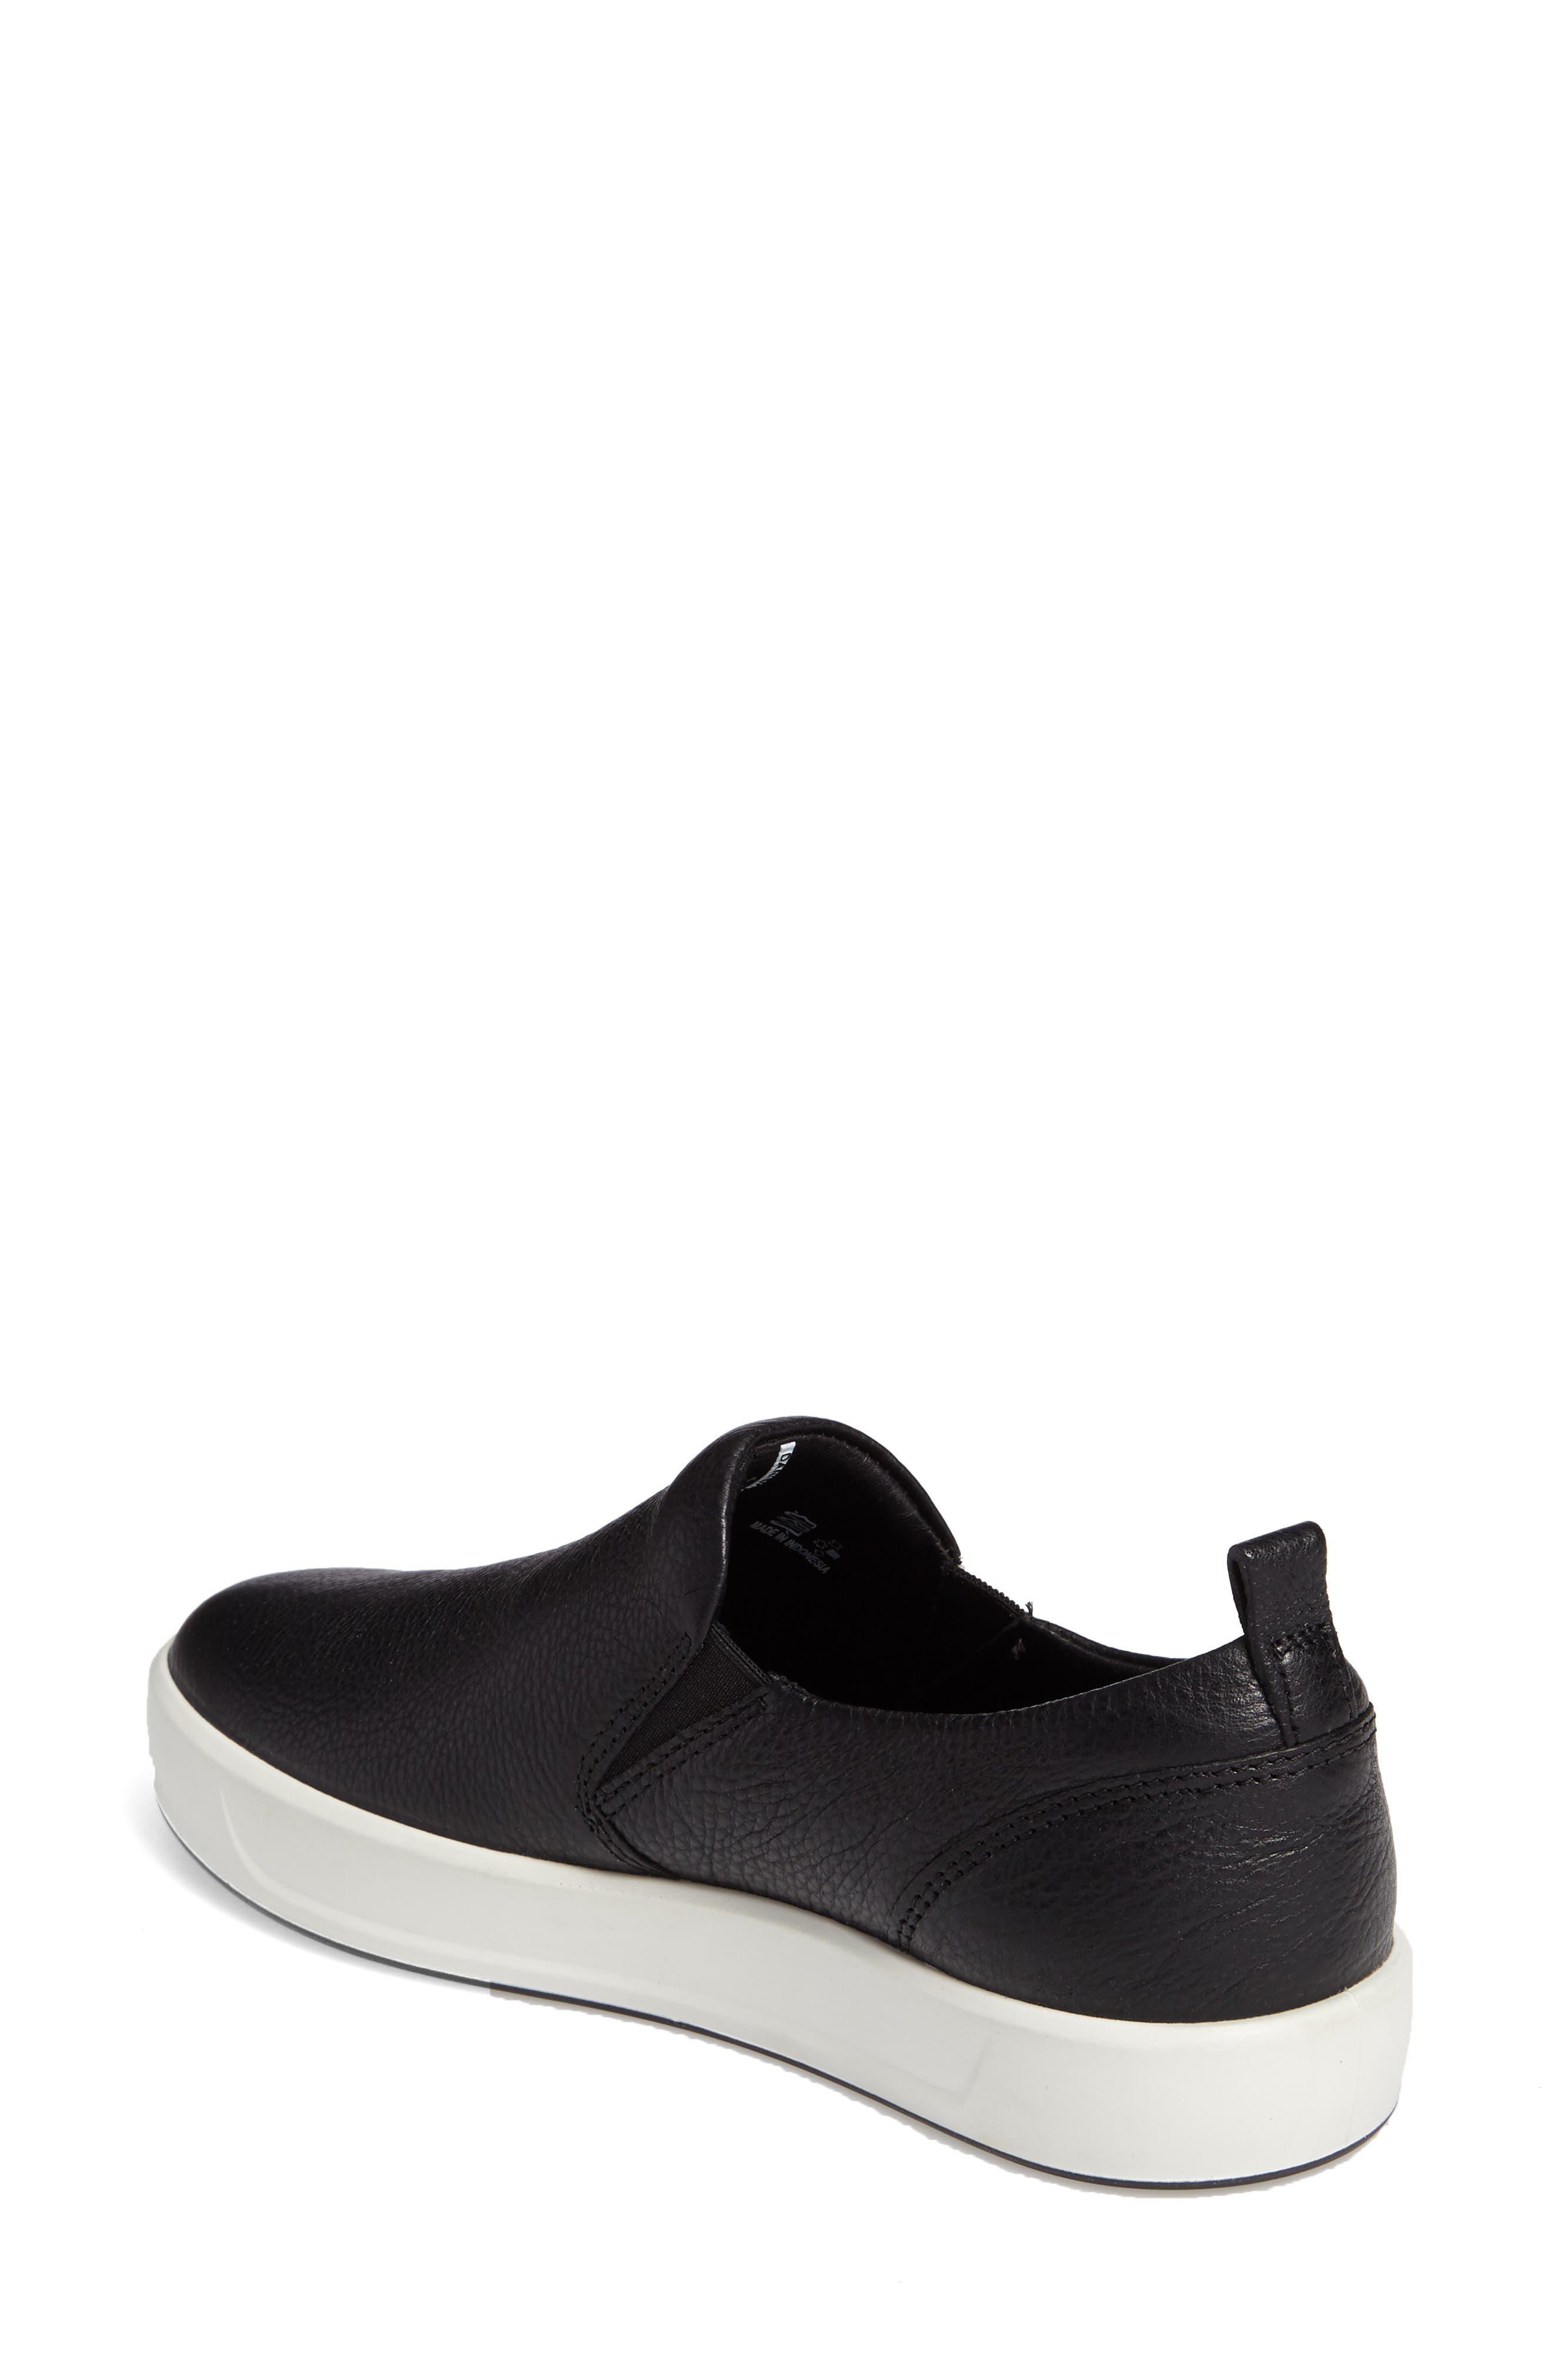 Alternate Image 2  - ECCO Soft 8 Slip-On Sneaker (Women)